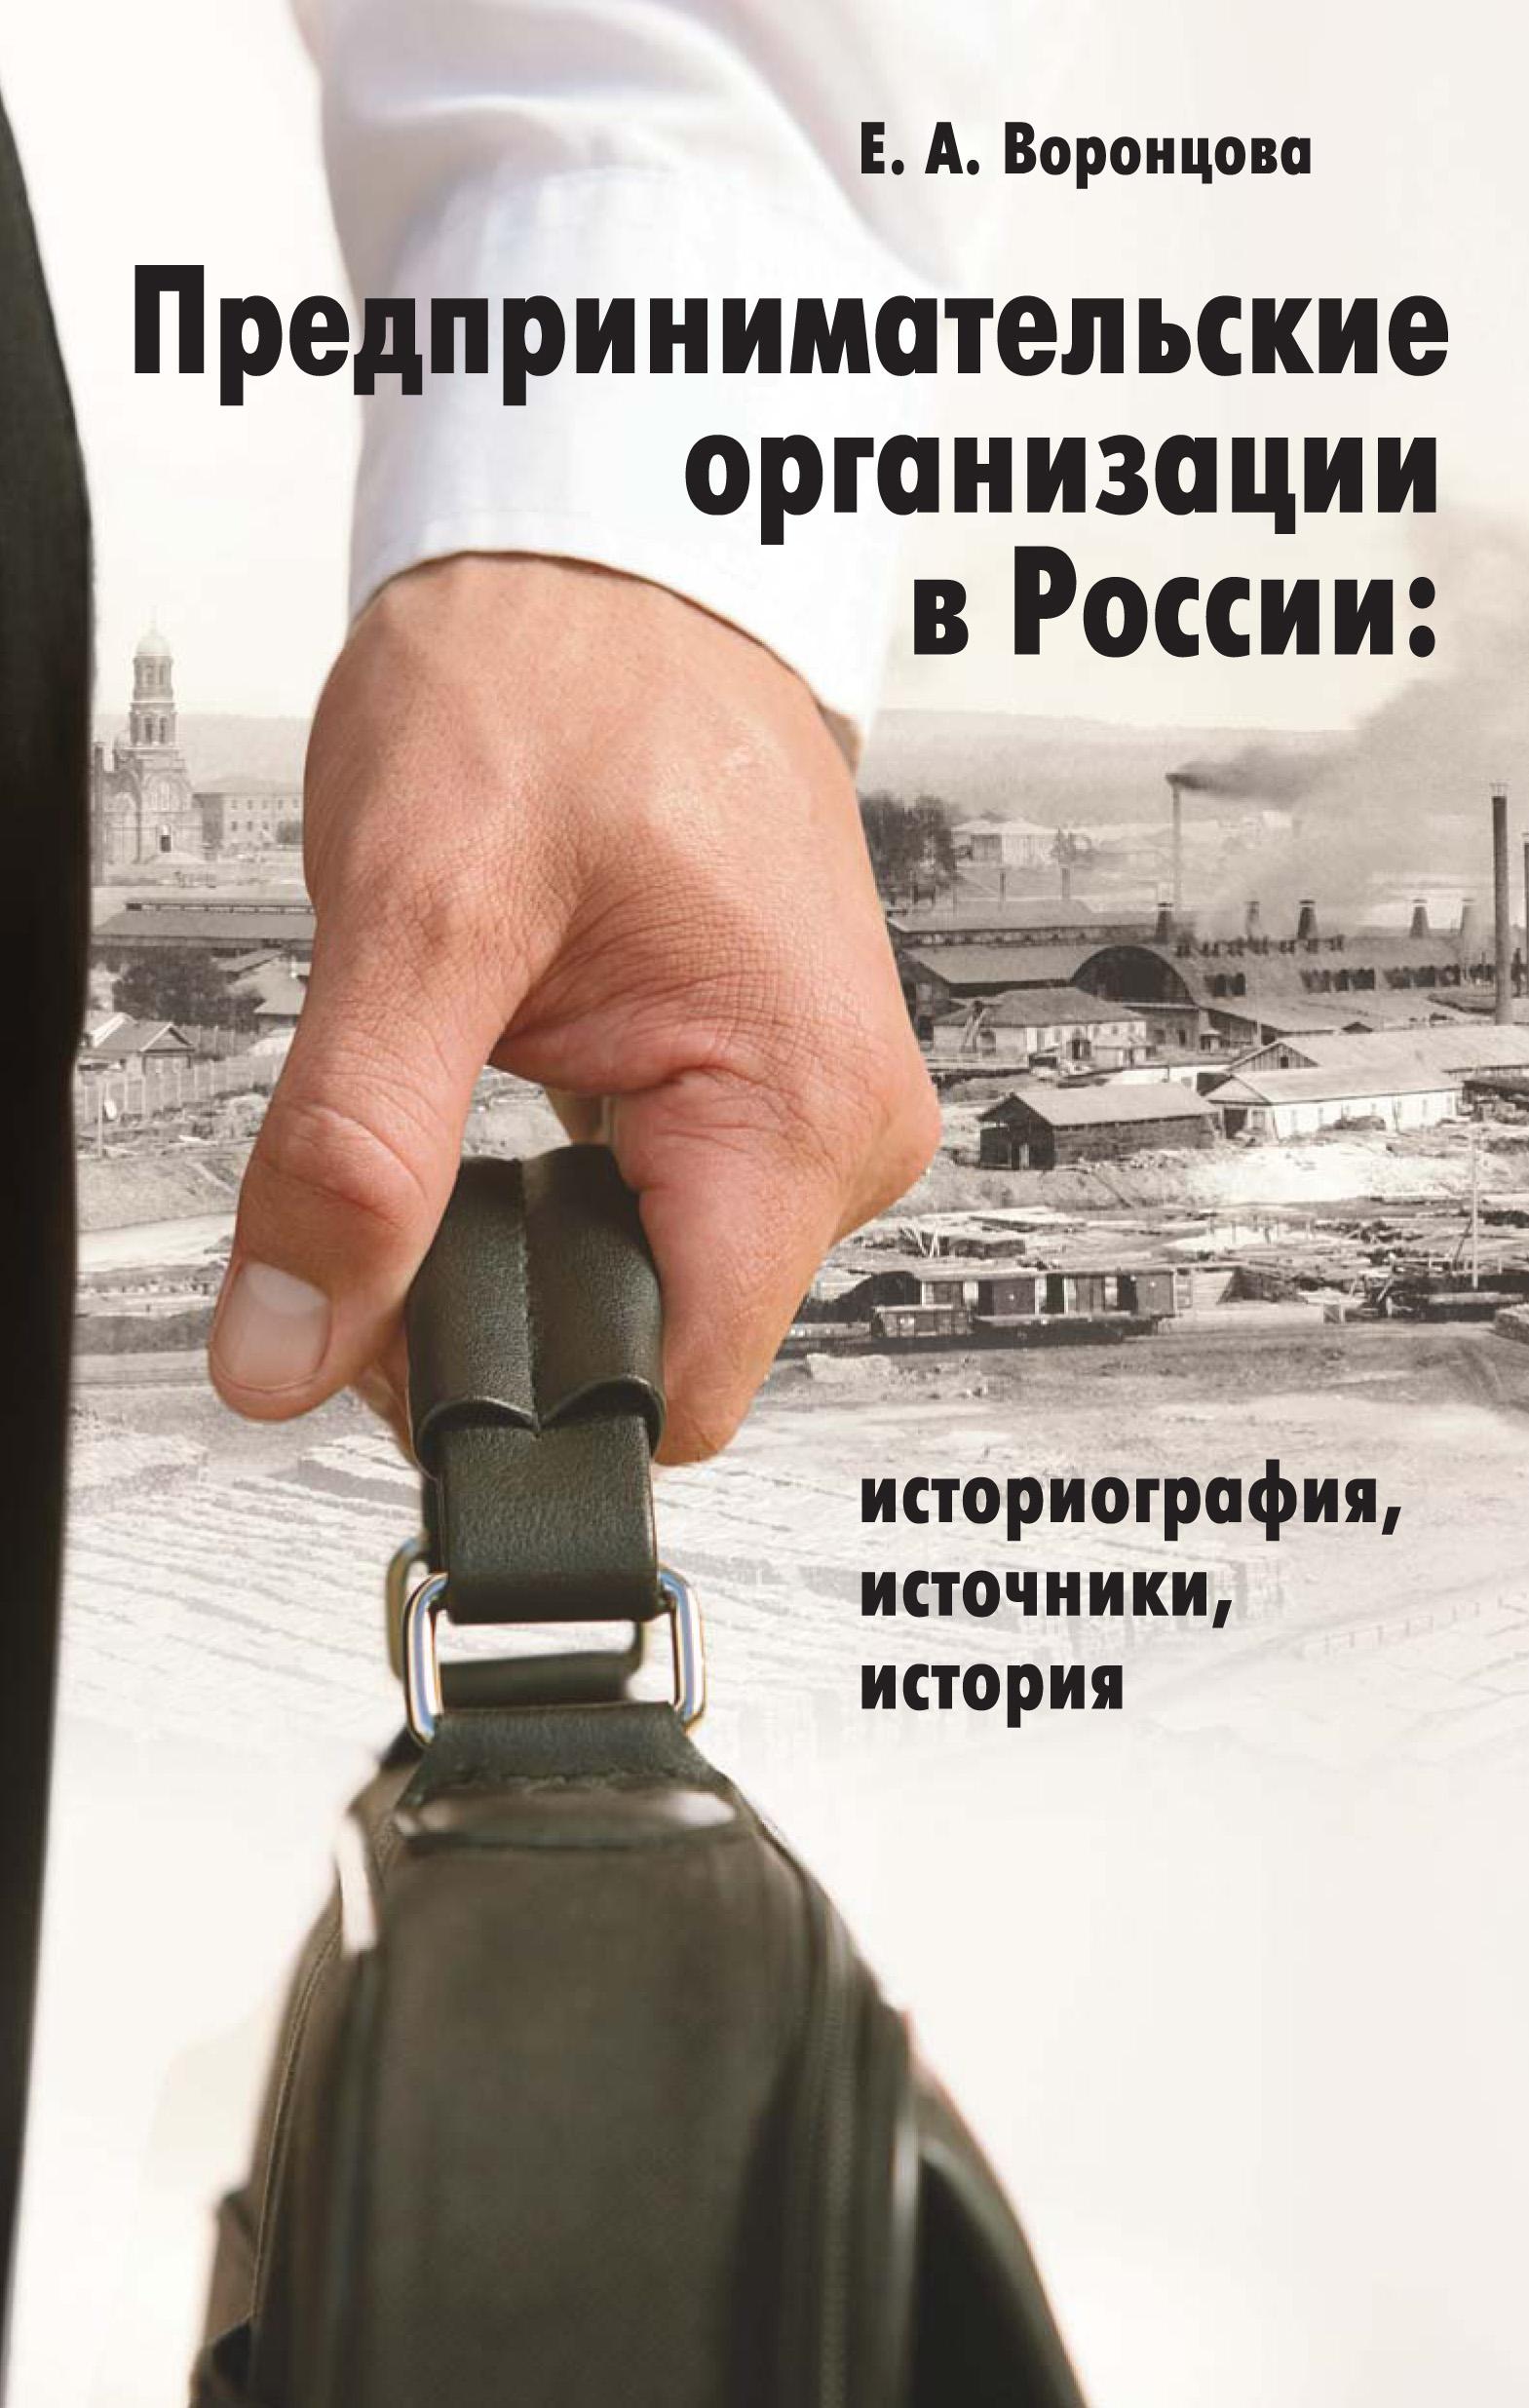 Обложка книги. Автор - Евгения Воронцова